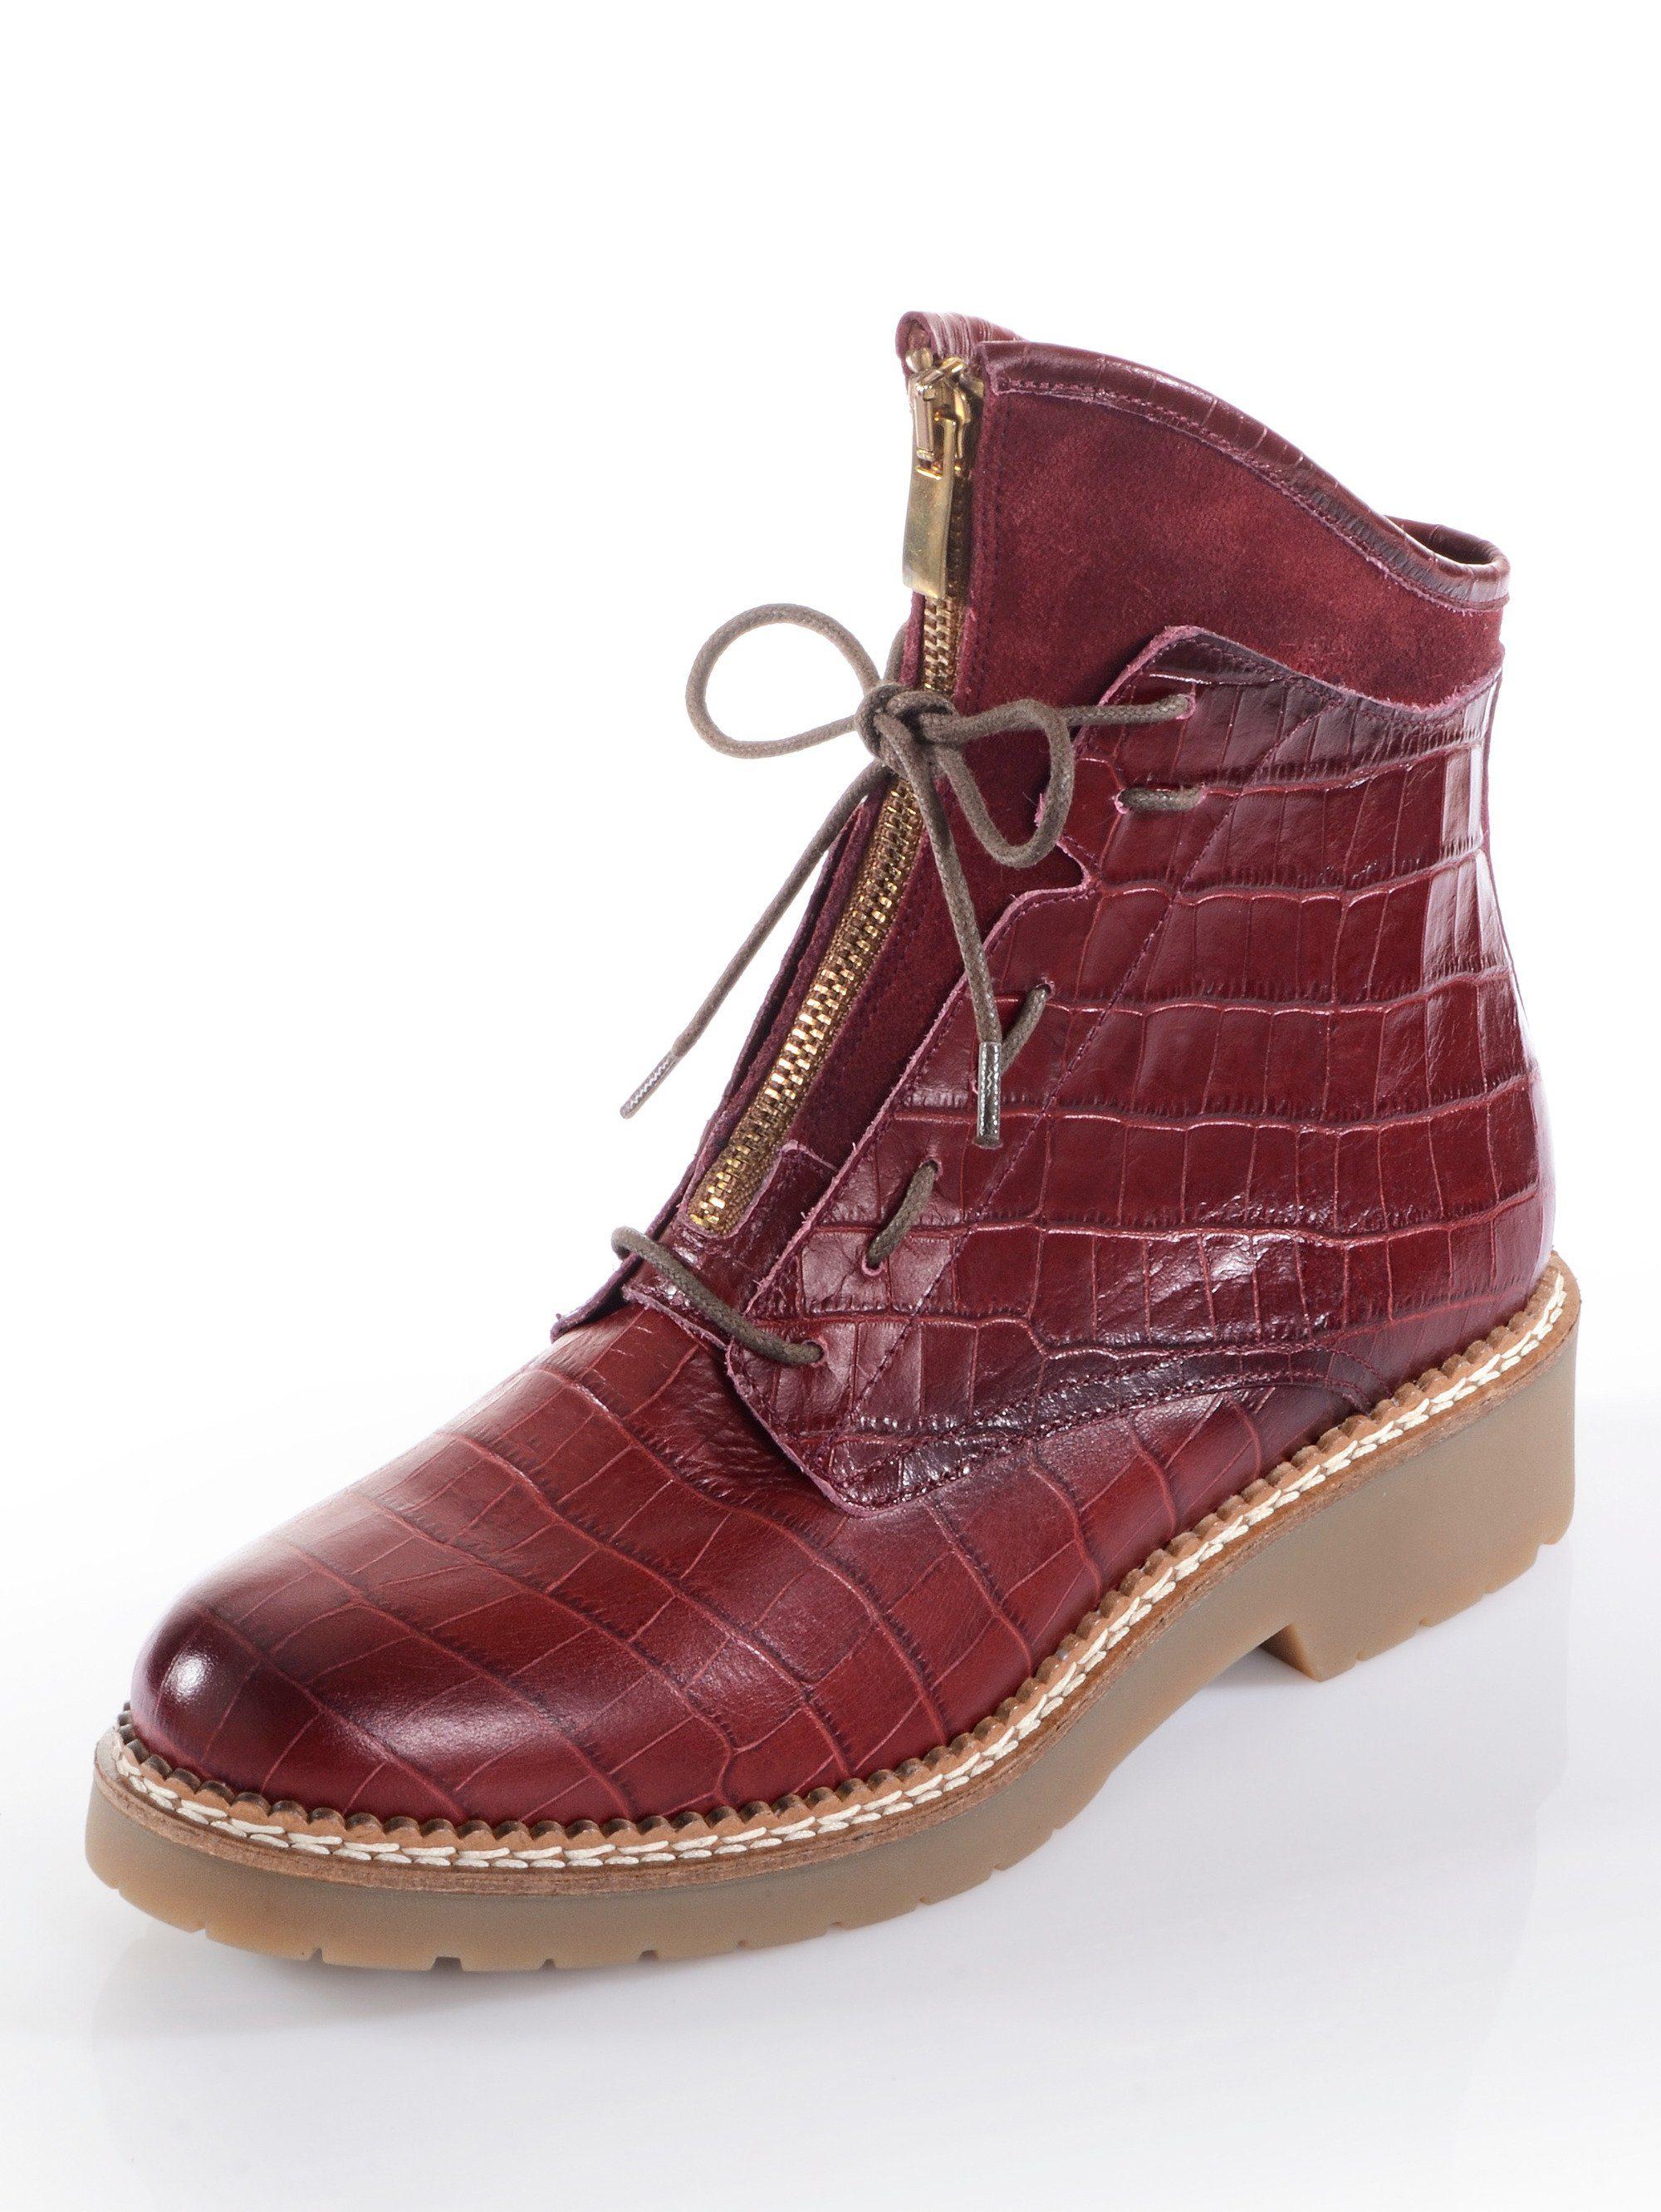 Alba Moda Boot in Kroko-Optik